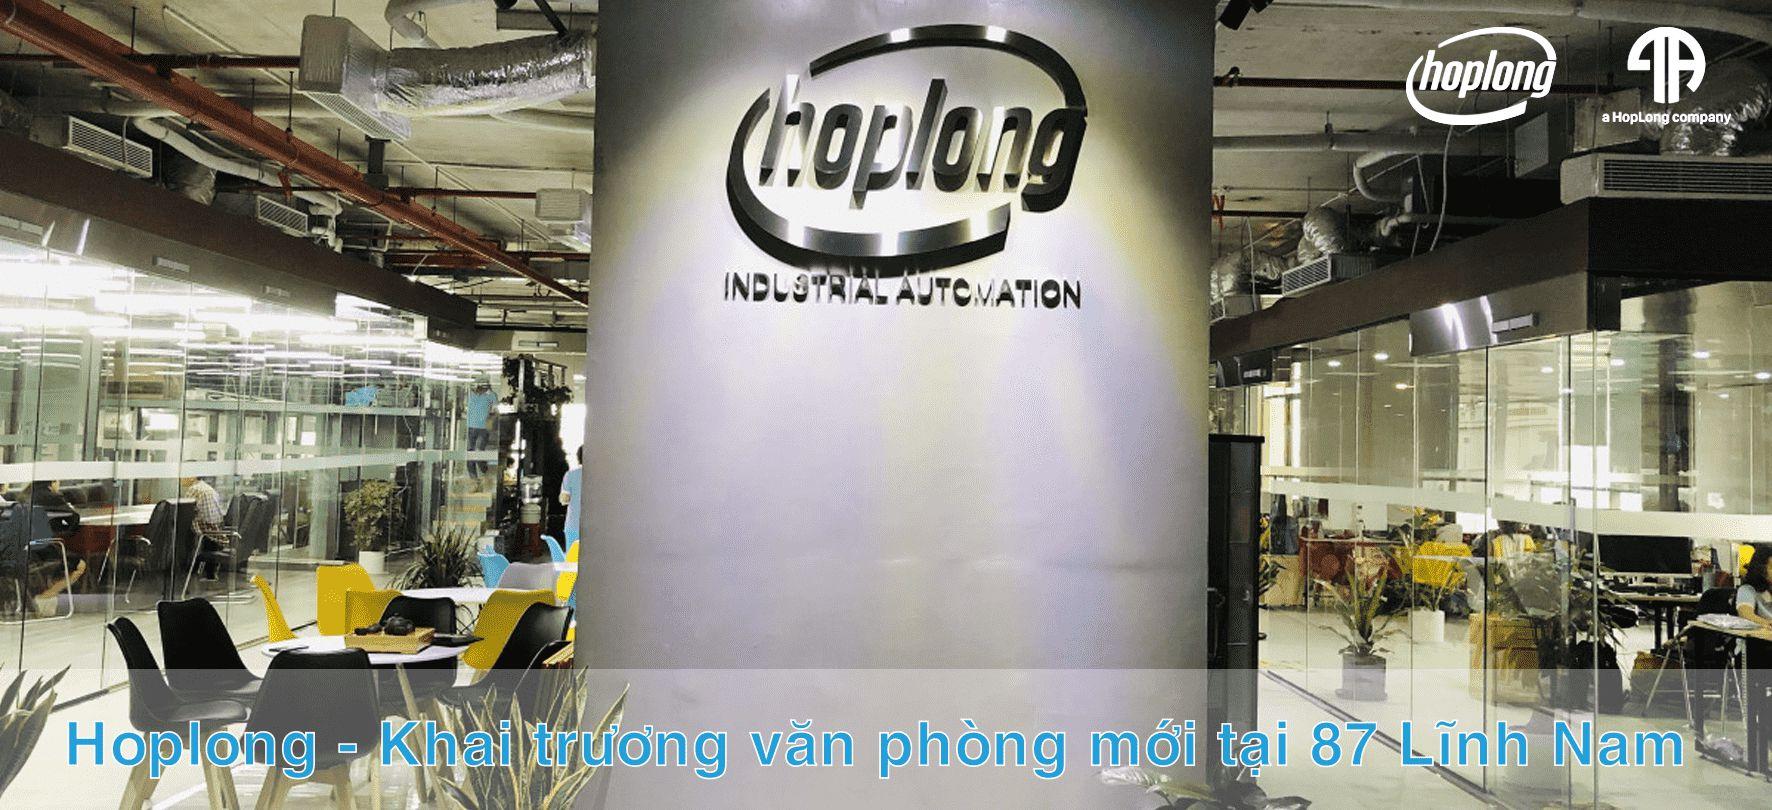 [ Thông Báo ] Hoplong - Khai trương văn phòng mới tại 87 Lĩnh Nam